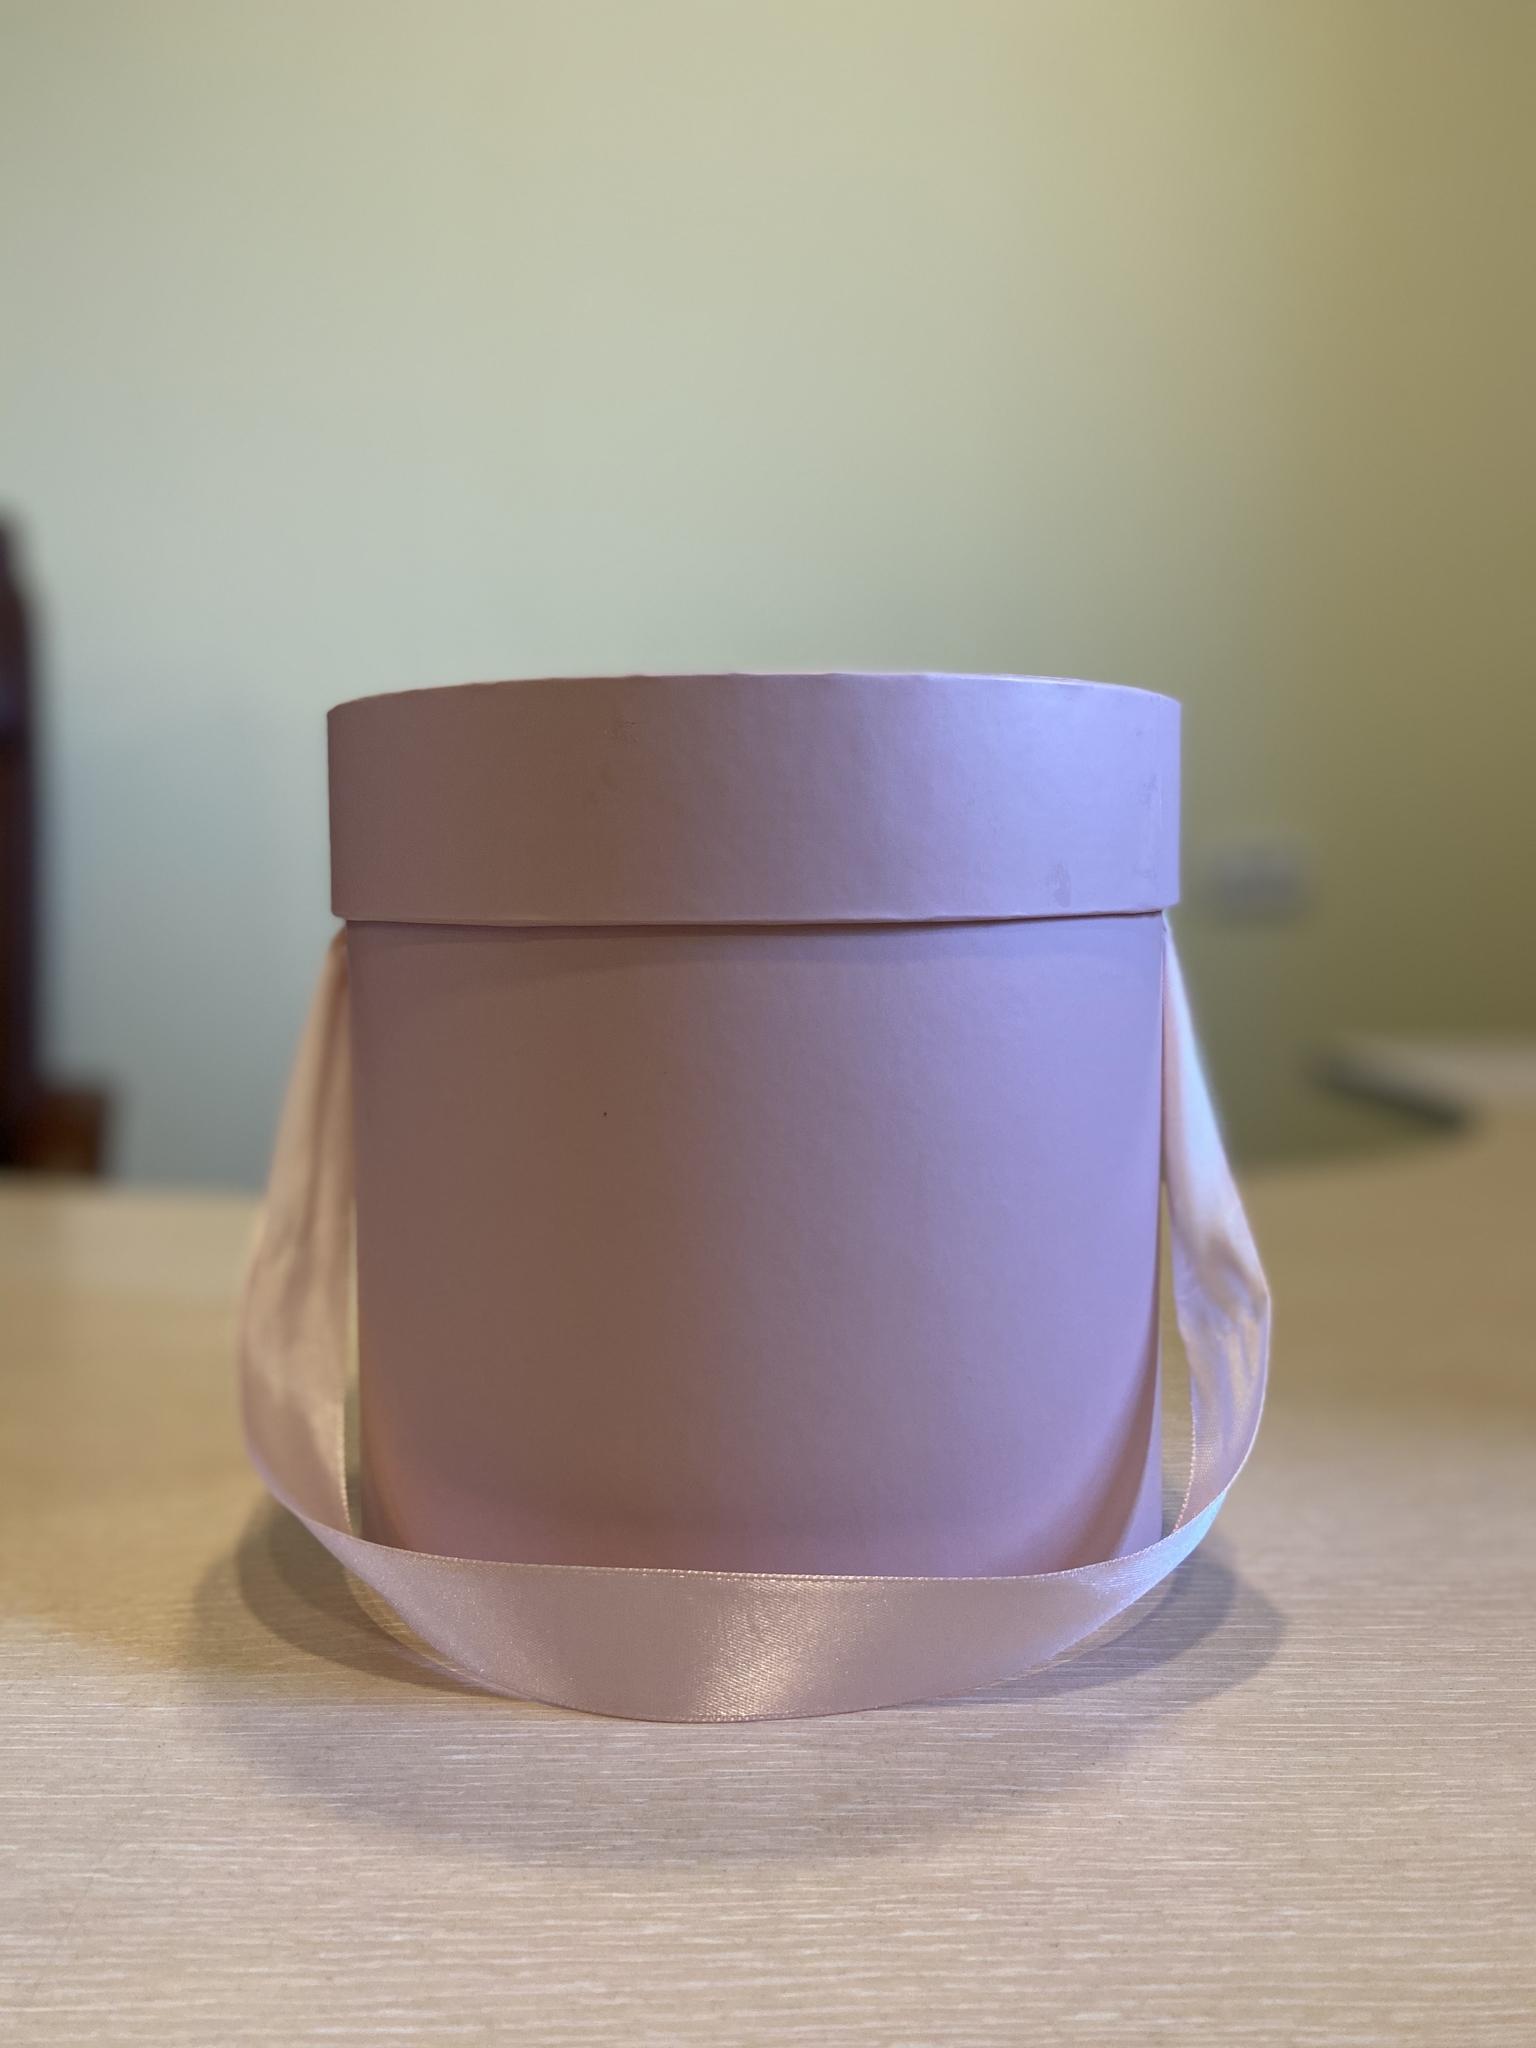 Шляпная коробка эконом вариант 20 см Цвет: Пыльно розовый . Розница 400 рублей .